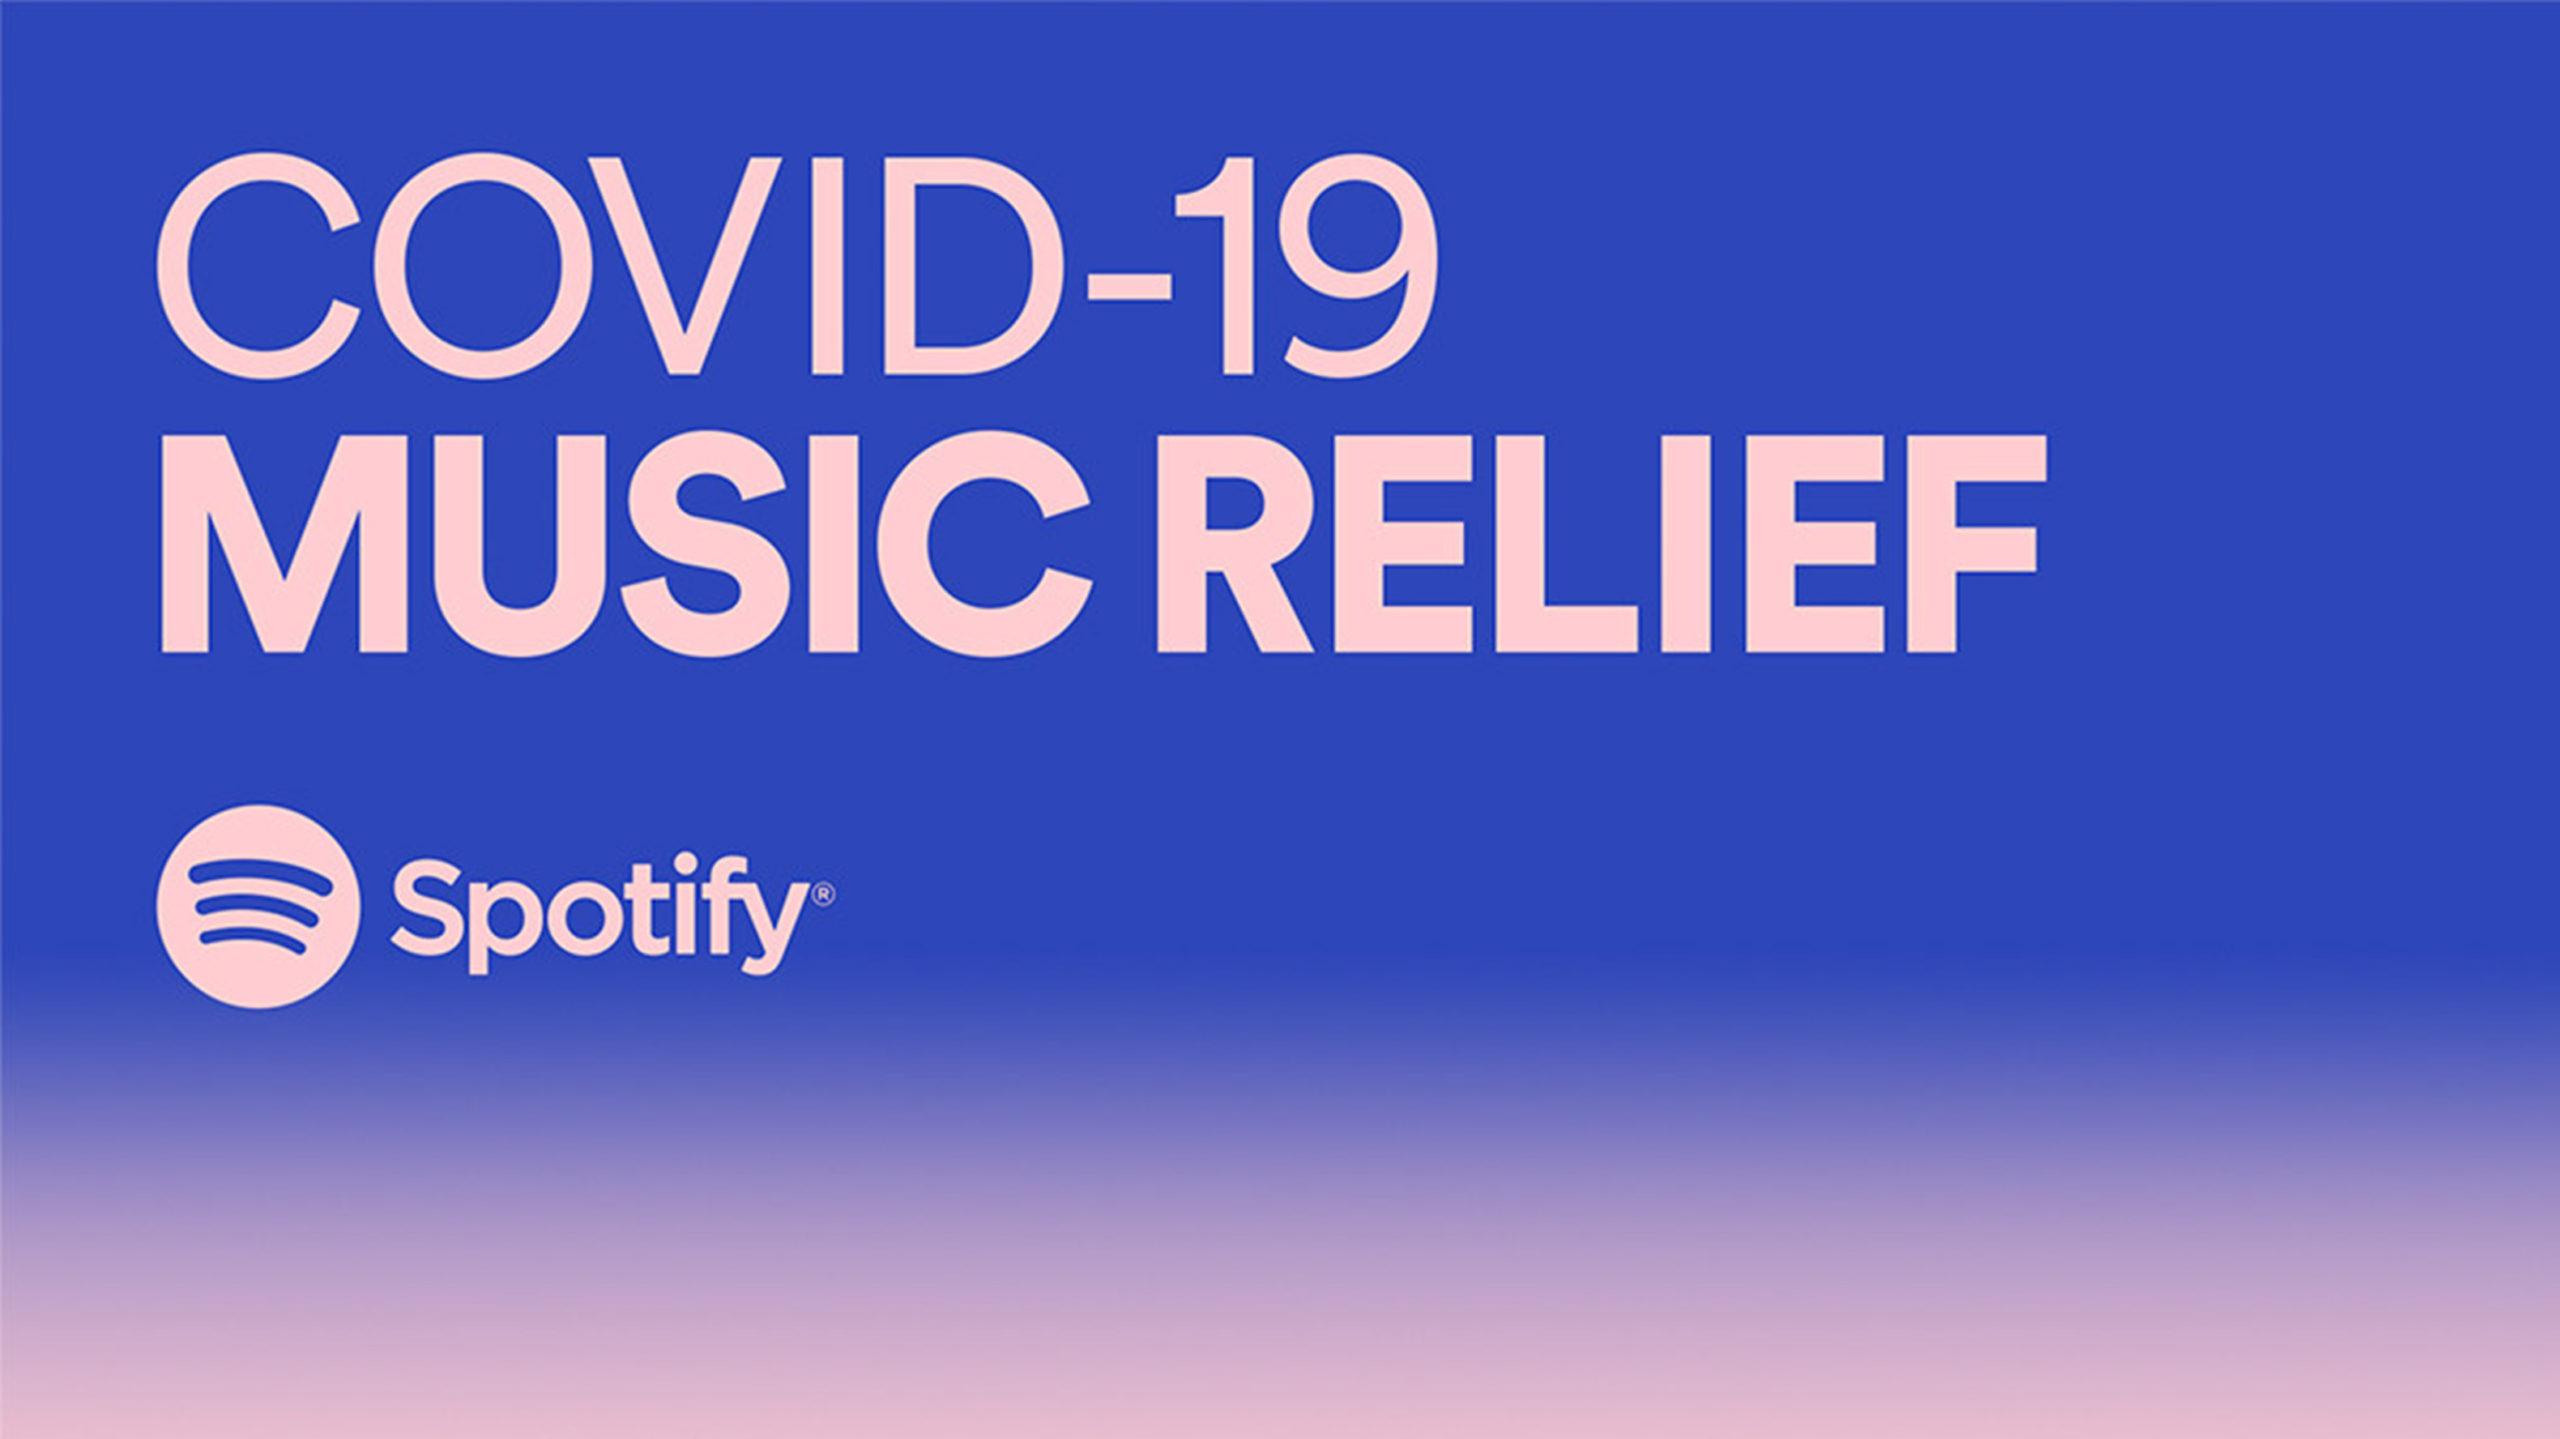 Spotify COVID-19 relief